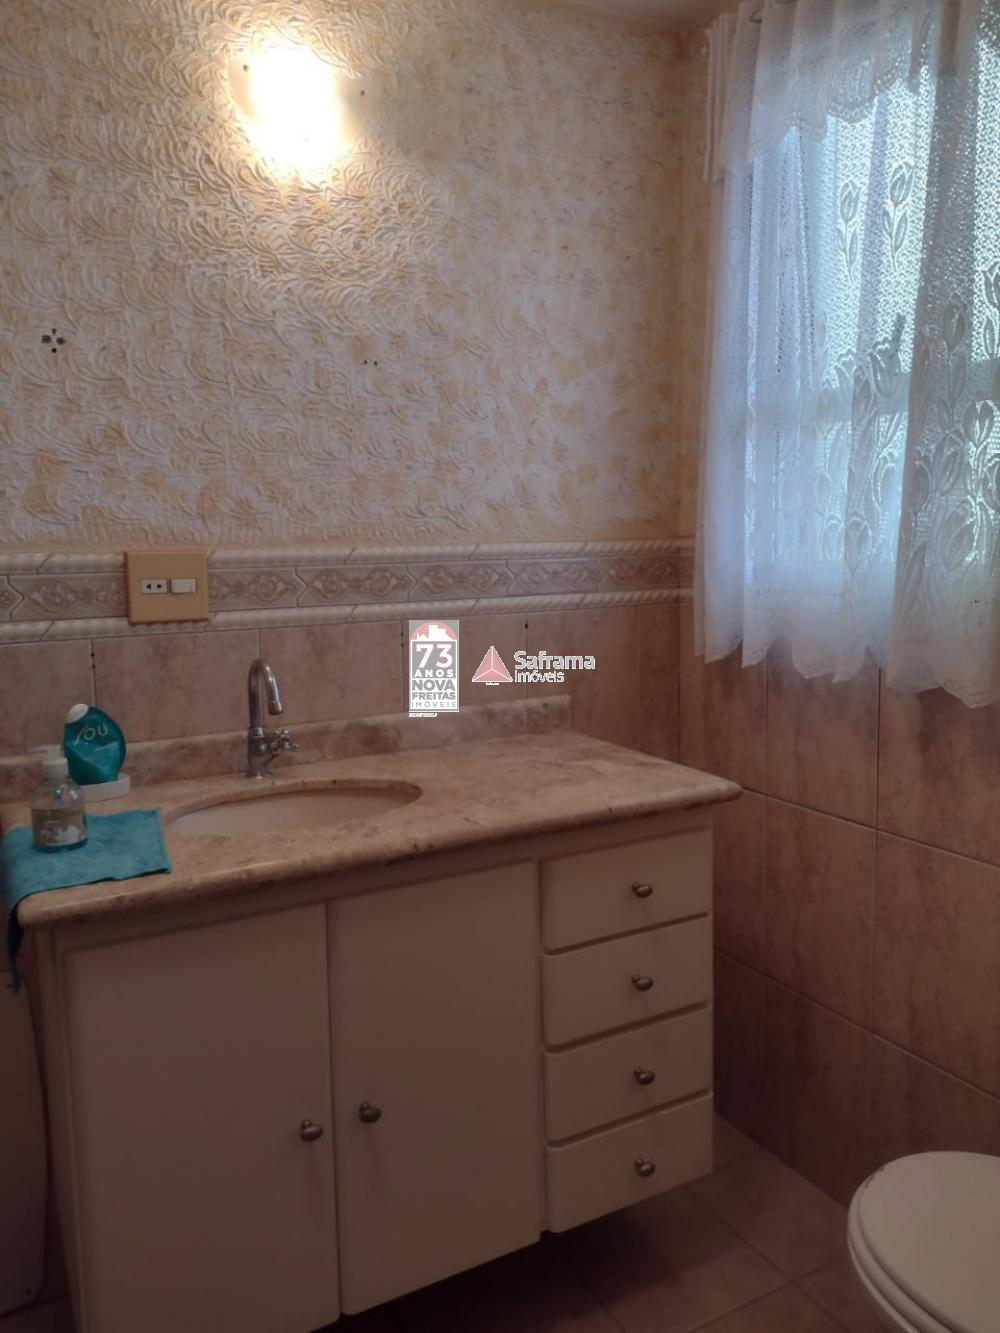 Comprar Apartamento / Padrão em São José dos Campos R$ 360.000,00 - Foto 17